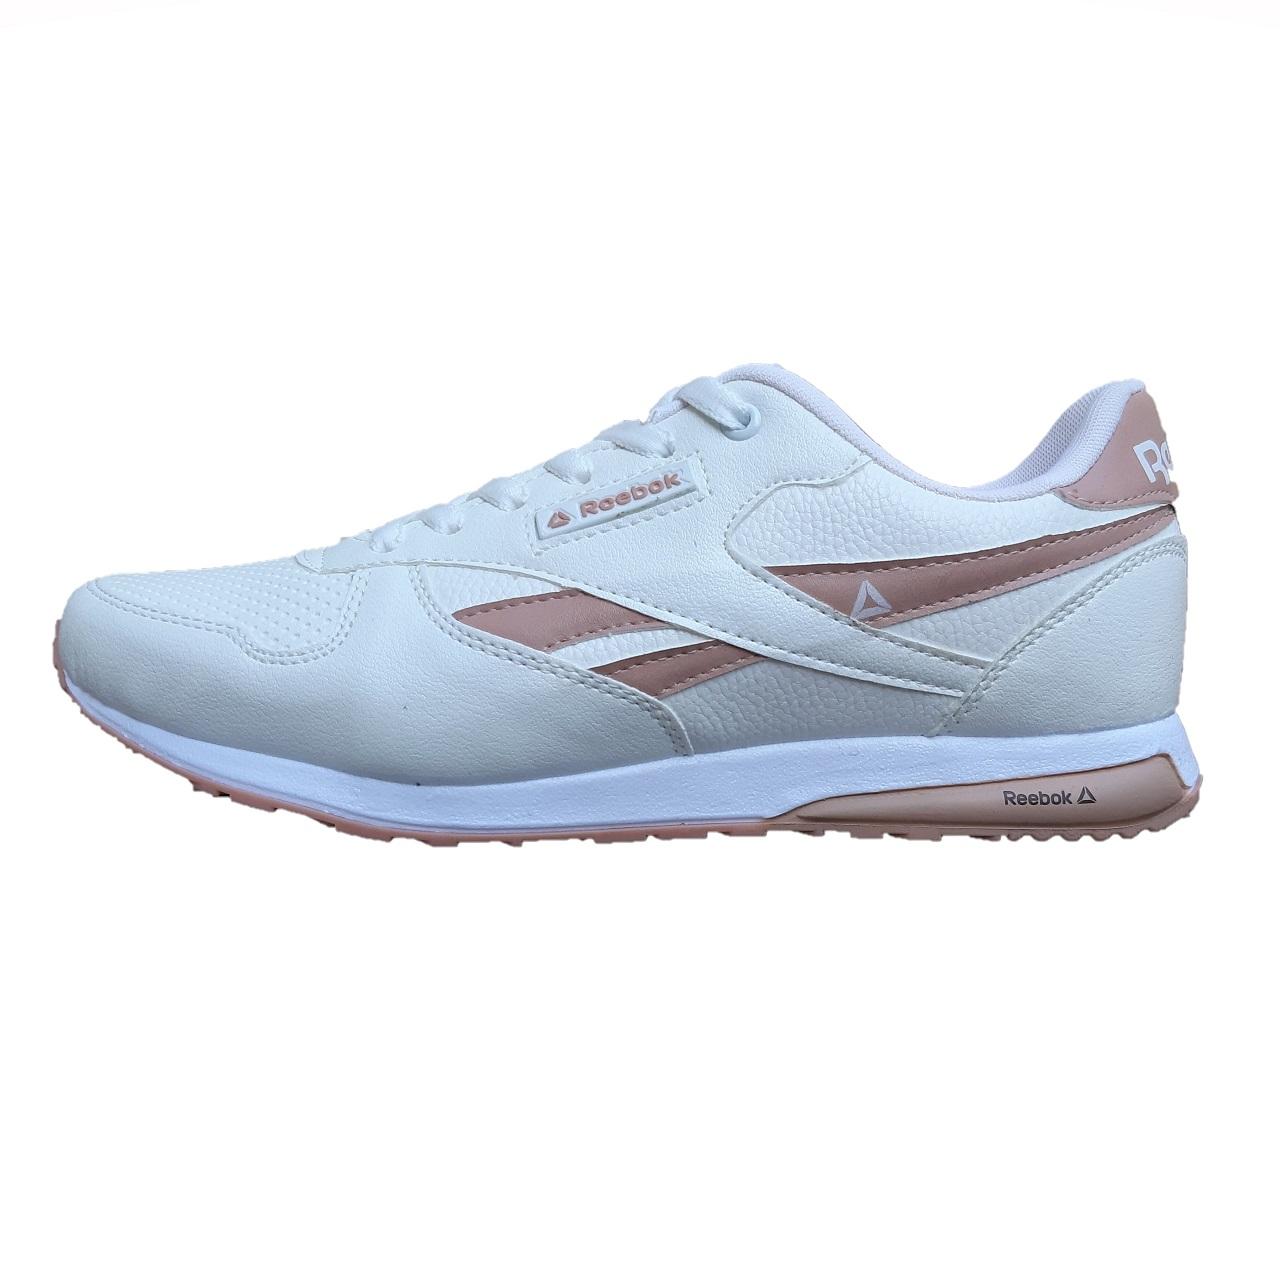 کفش مخصوص پیاده روی زنانه کد 212019 رنگ سفید